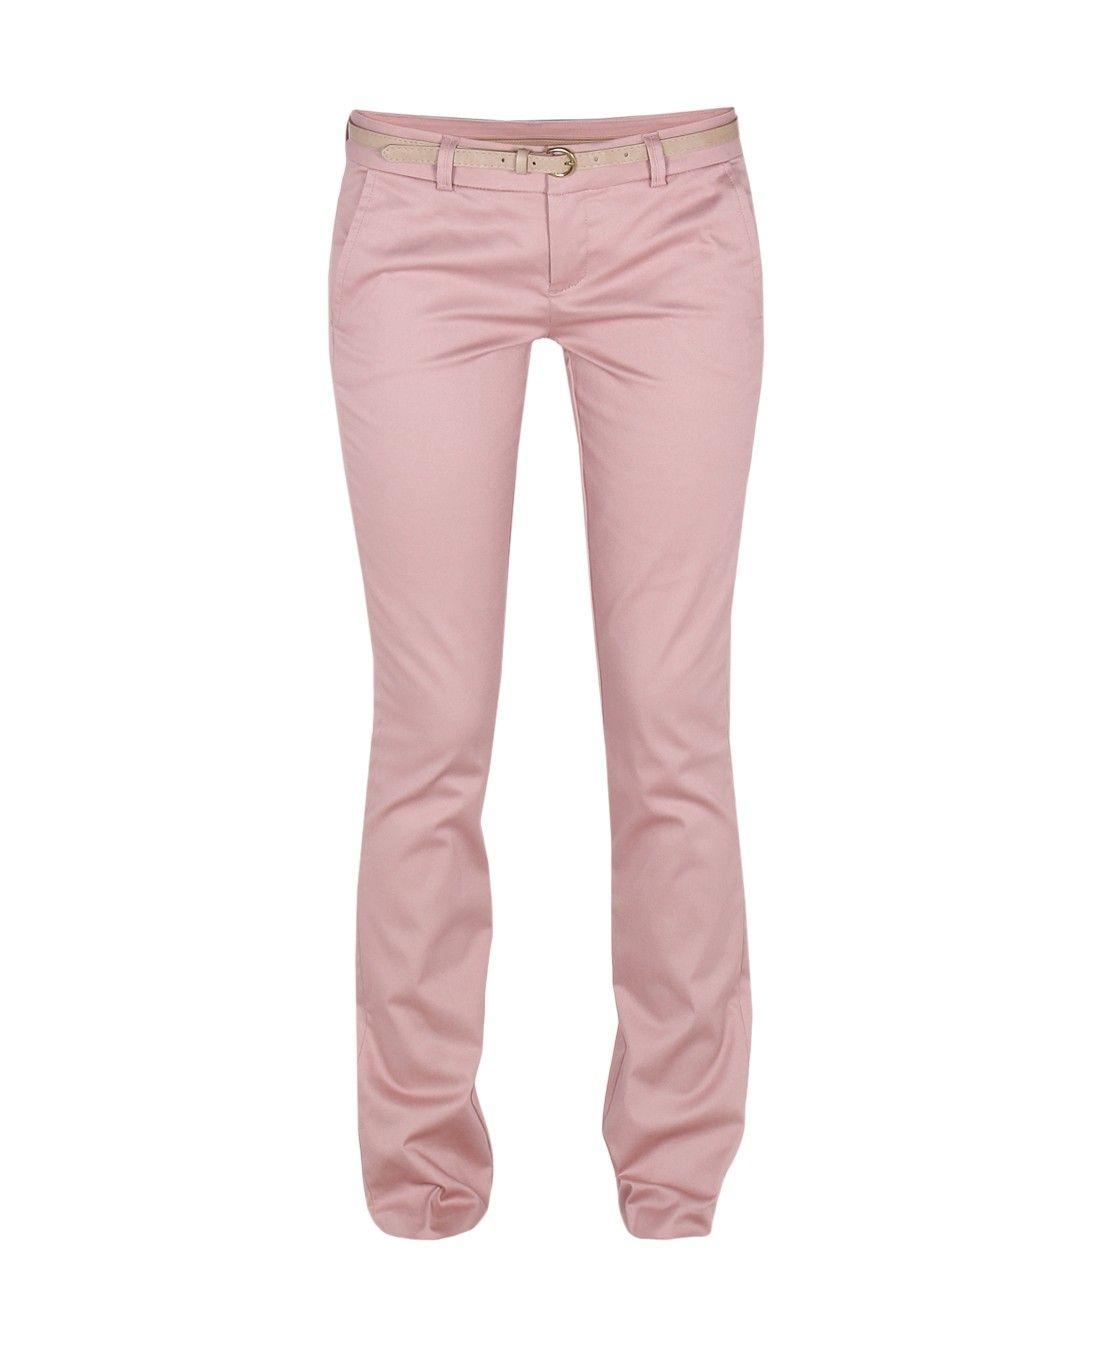 Naf Naf Pantalon Star Vegas Pantalones Tienda Ropa Pantalones Outfits